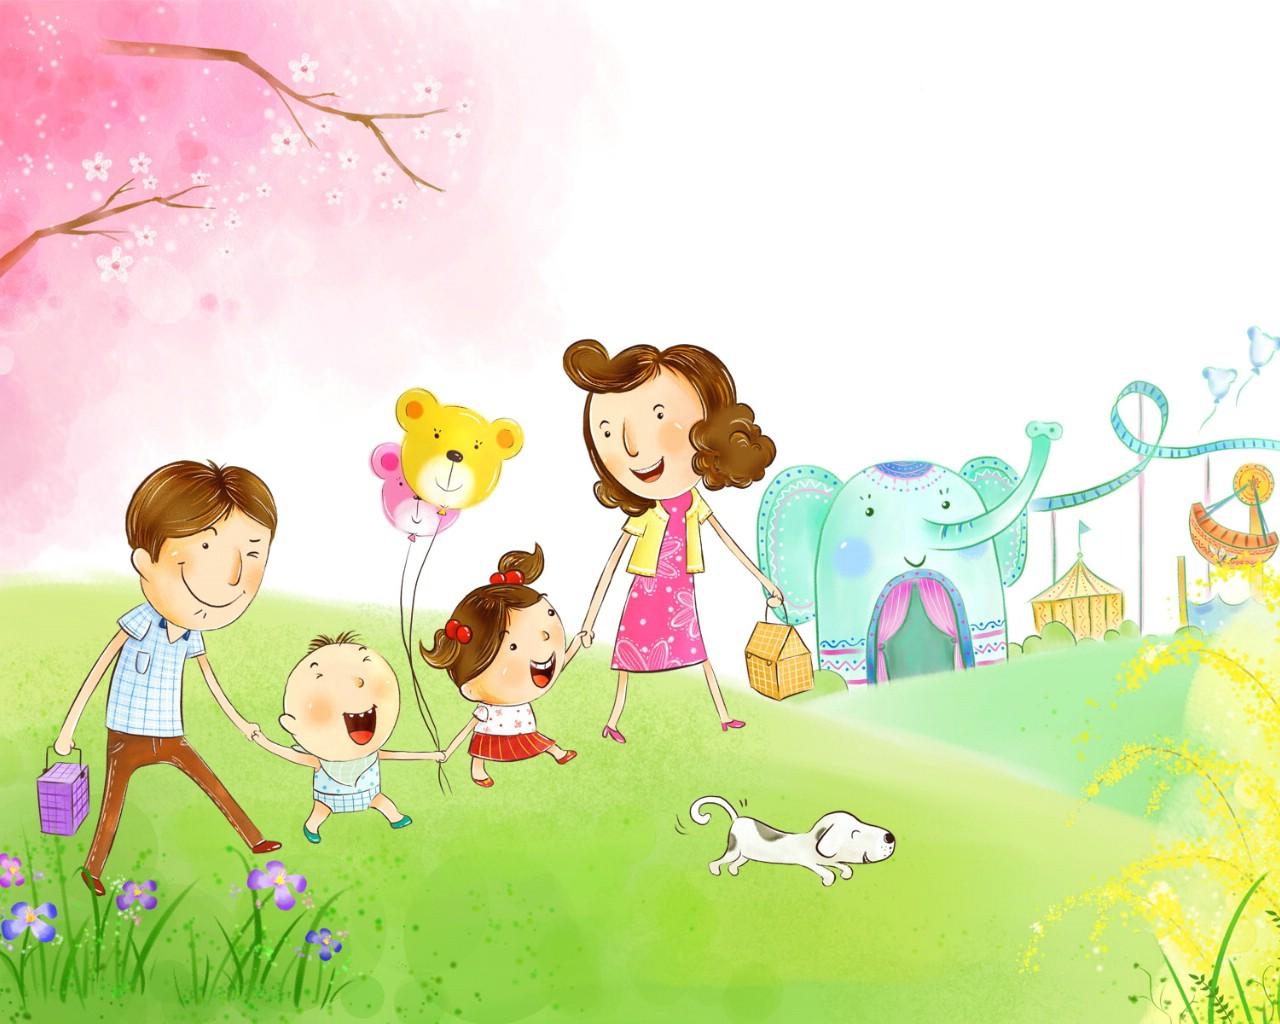 壁纸1280×1024幸福家庭 2 2壁纸 幸福家庭壁纸图片矢量壁纸矢量图片素材桌面壁纸